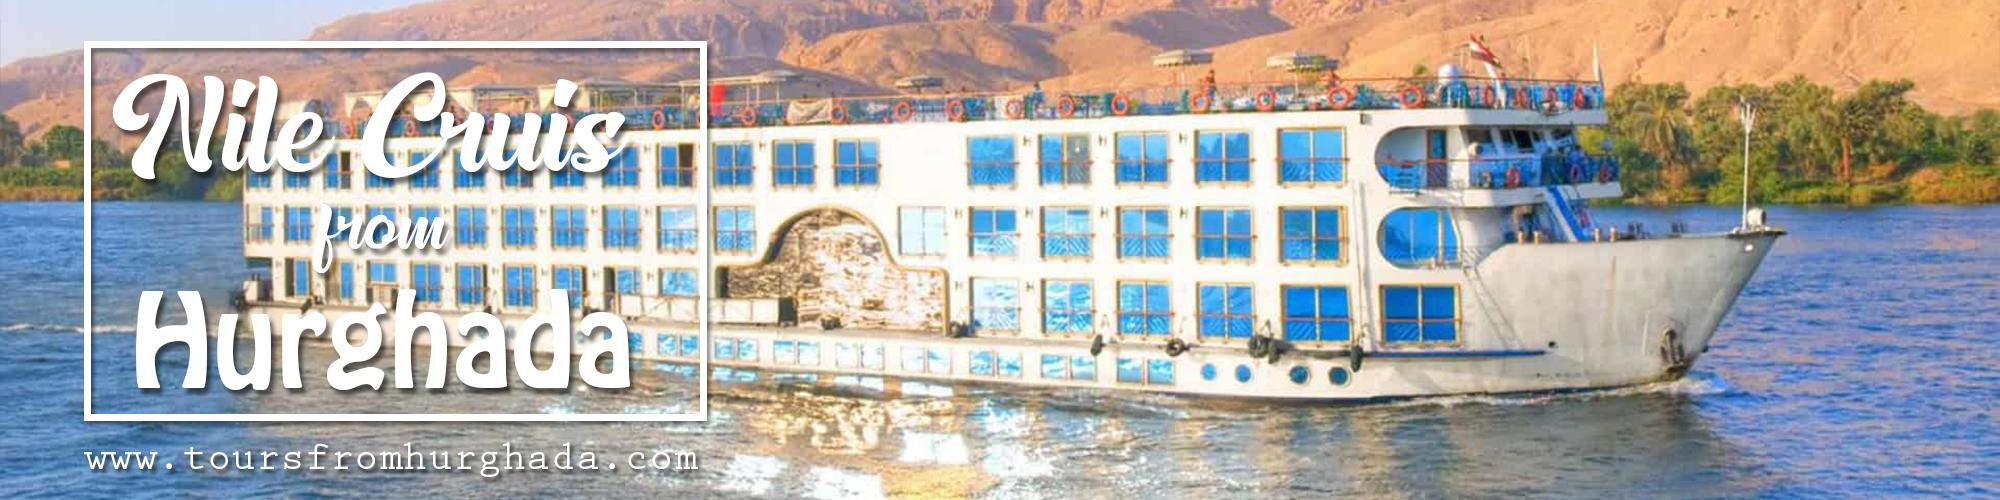 Nile Cruise Hurghada Tours - Tours From Hurghada